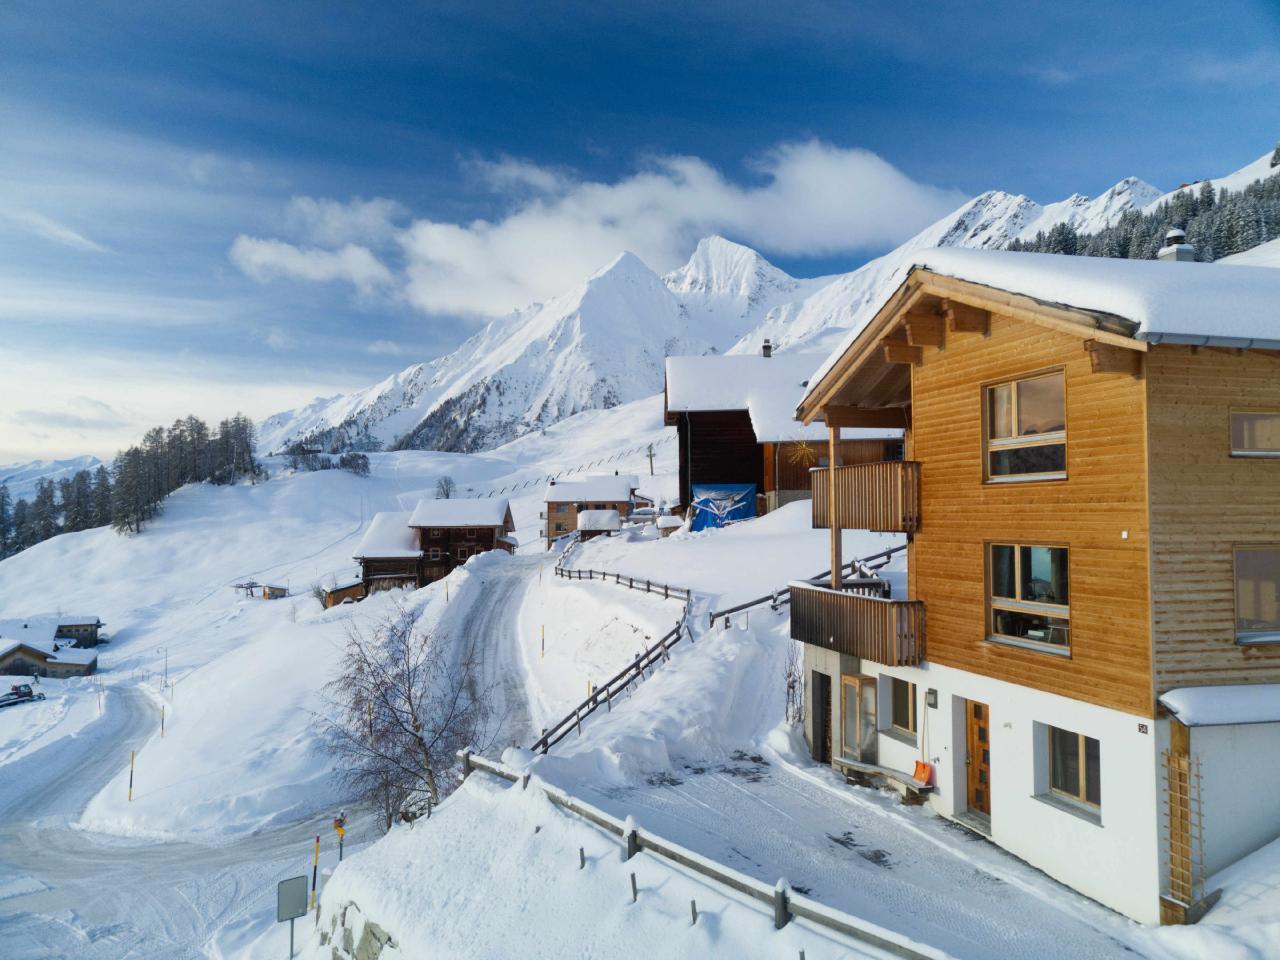 Ferienhaus Mittlagada (2509055), Tenna (CH), Safiental, Graubünden, Schweiz, Bild 23